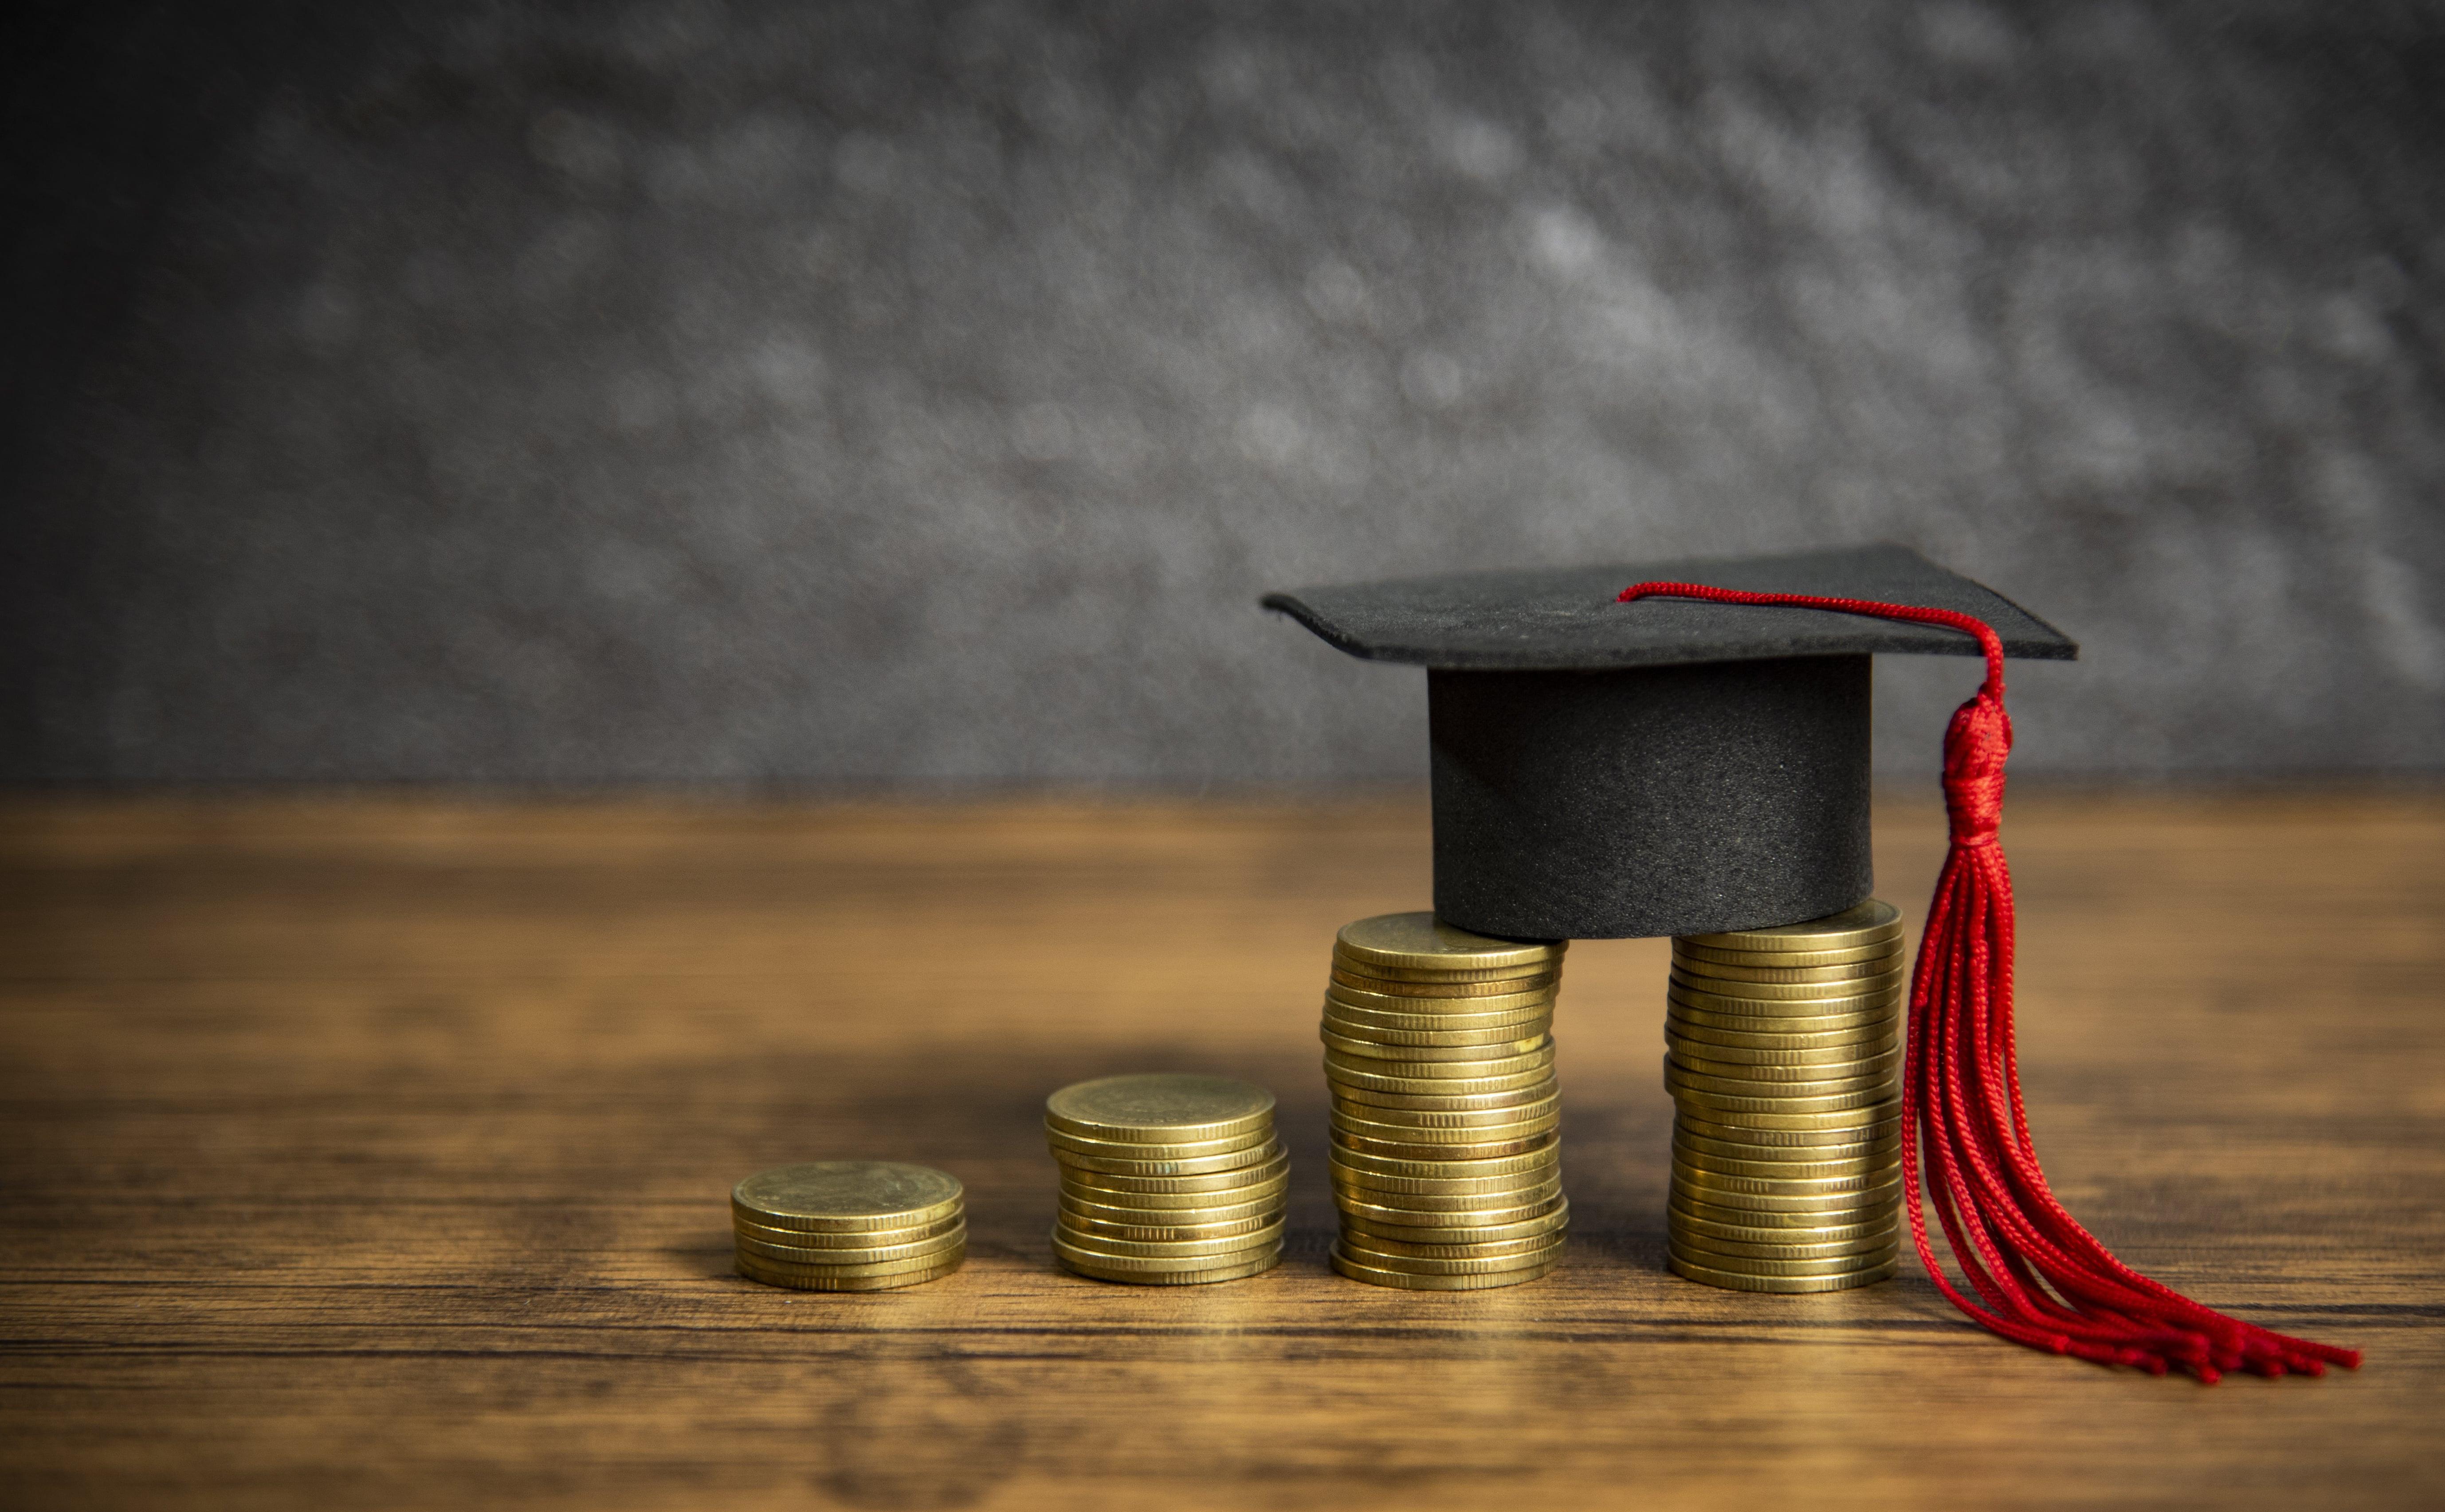 რატომ გვჭირდება ფინანსური განათლება?